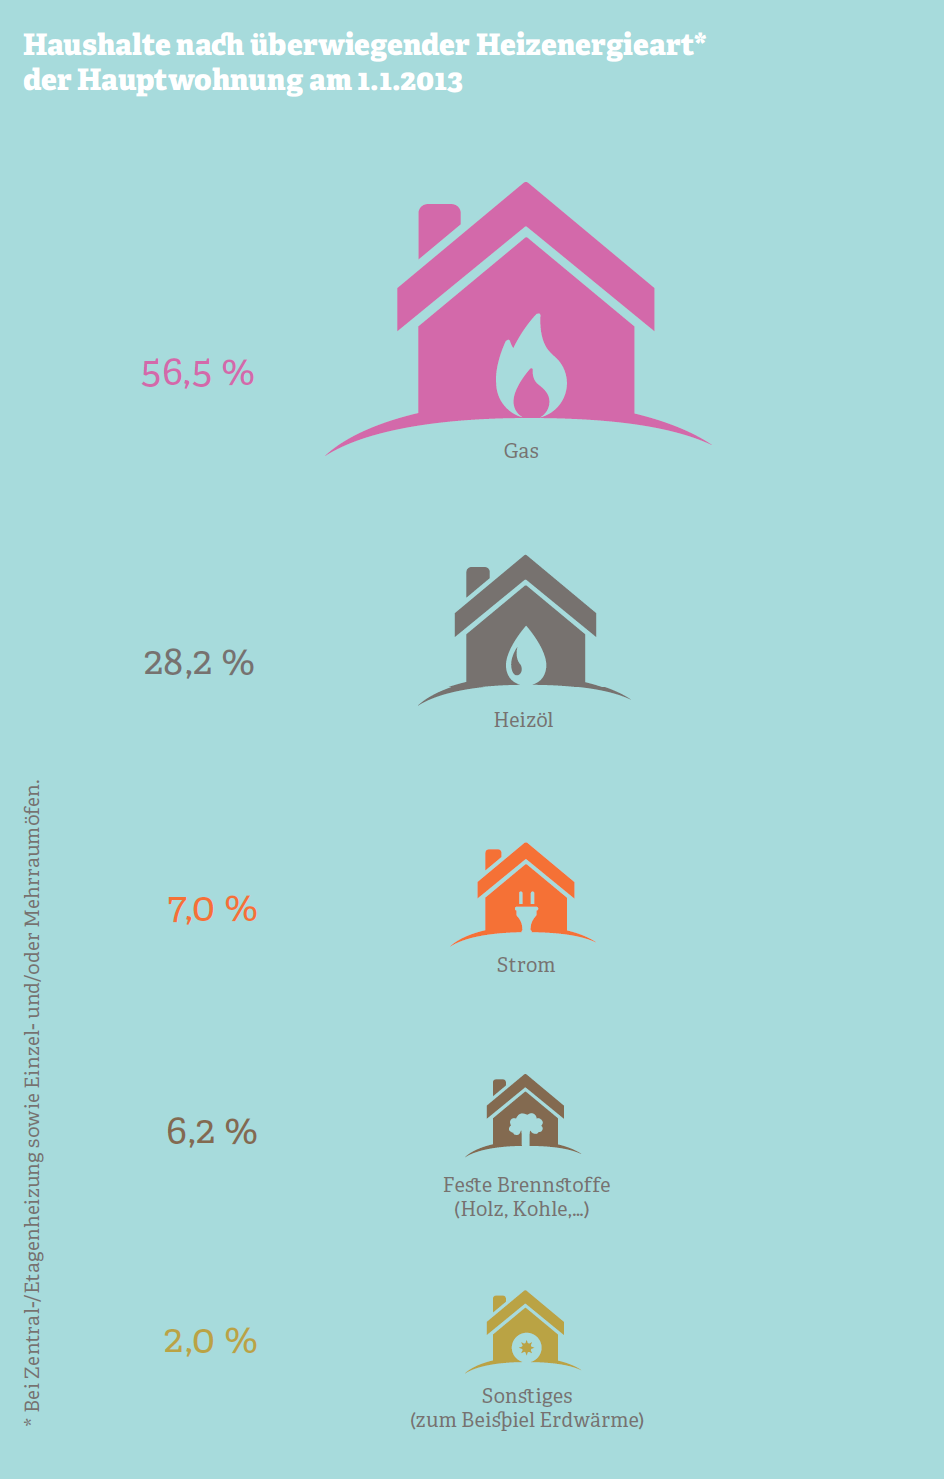 Grafik zu Haushalten nach überwiegender Heizenergieart der Hauptwohnung. Quelle: Statistisches Bundesamt, 2013